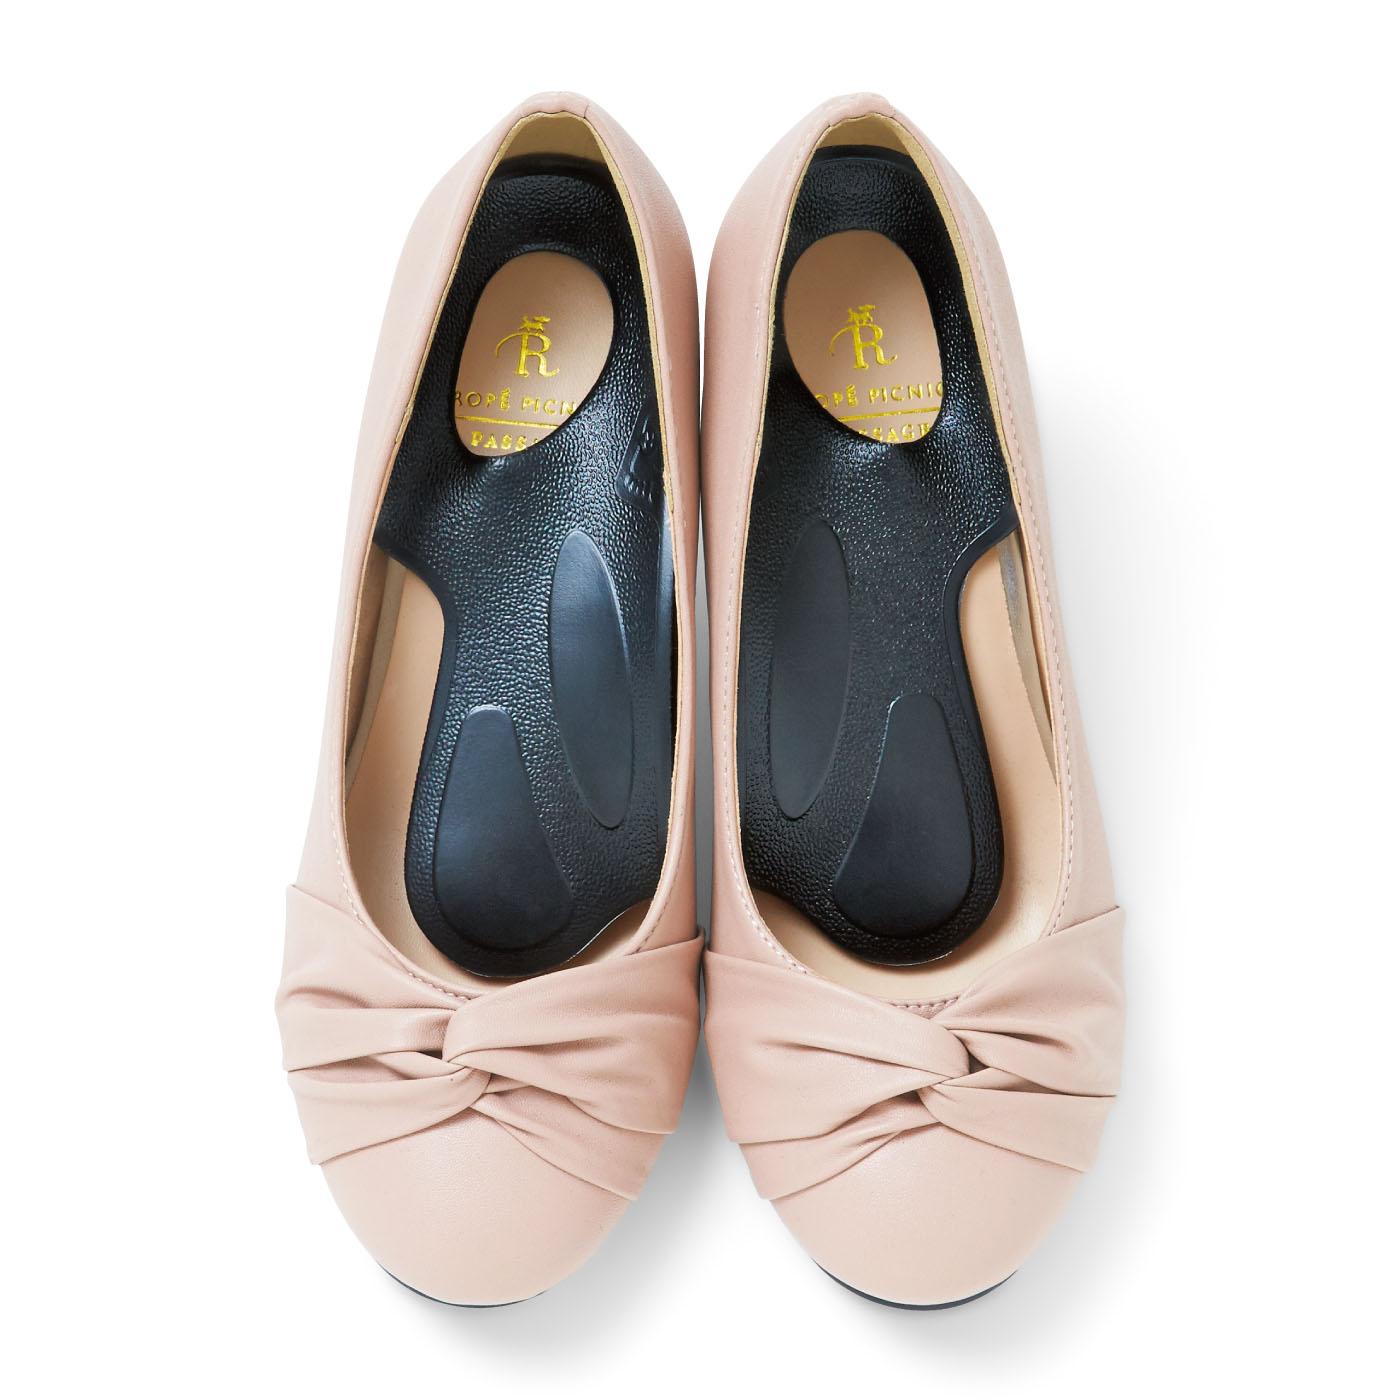 足と靴のすき間を検証した立体設計と、狭いシューズでも装着できる形状ハーフサイズで、靴が窮屈になりません。弾力性があり、足腰の負担を軽減します。